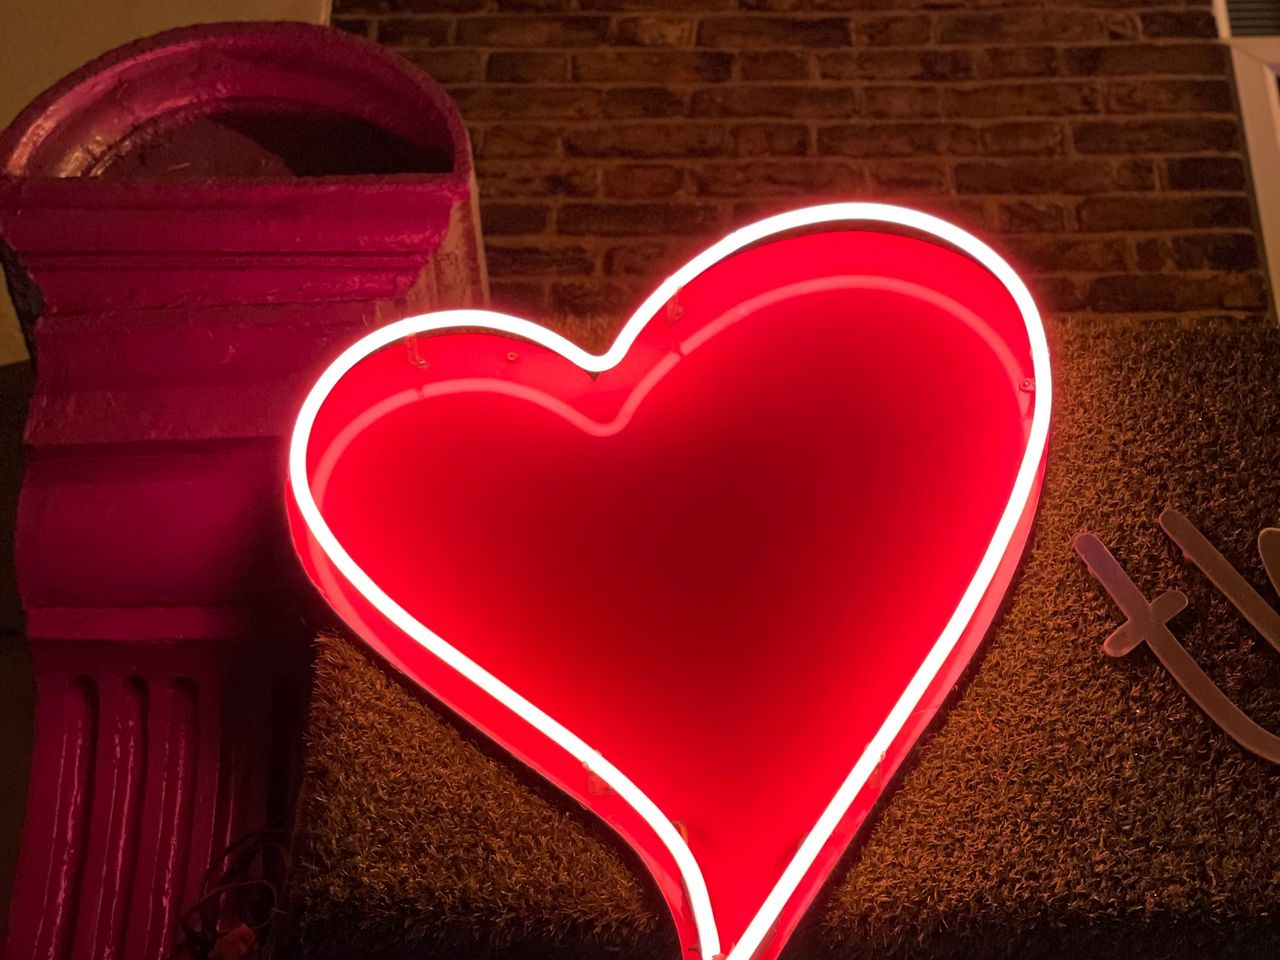 1280x960 Wallpaper heart, neon, light, red, love